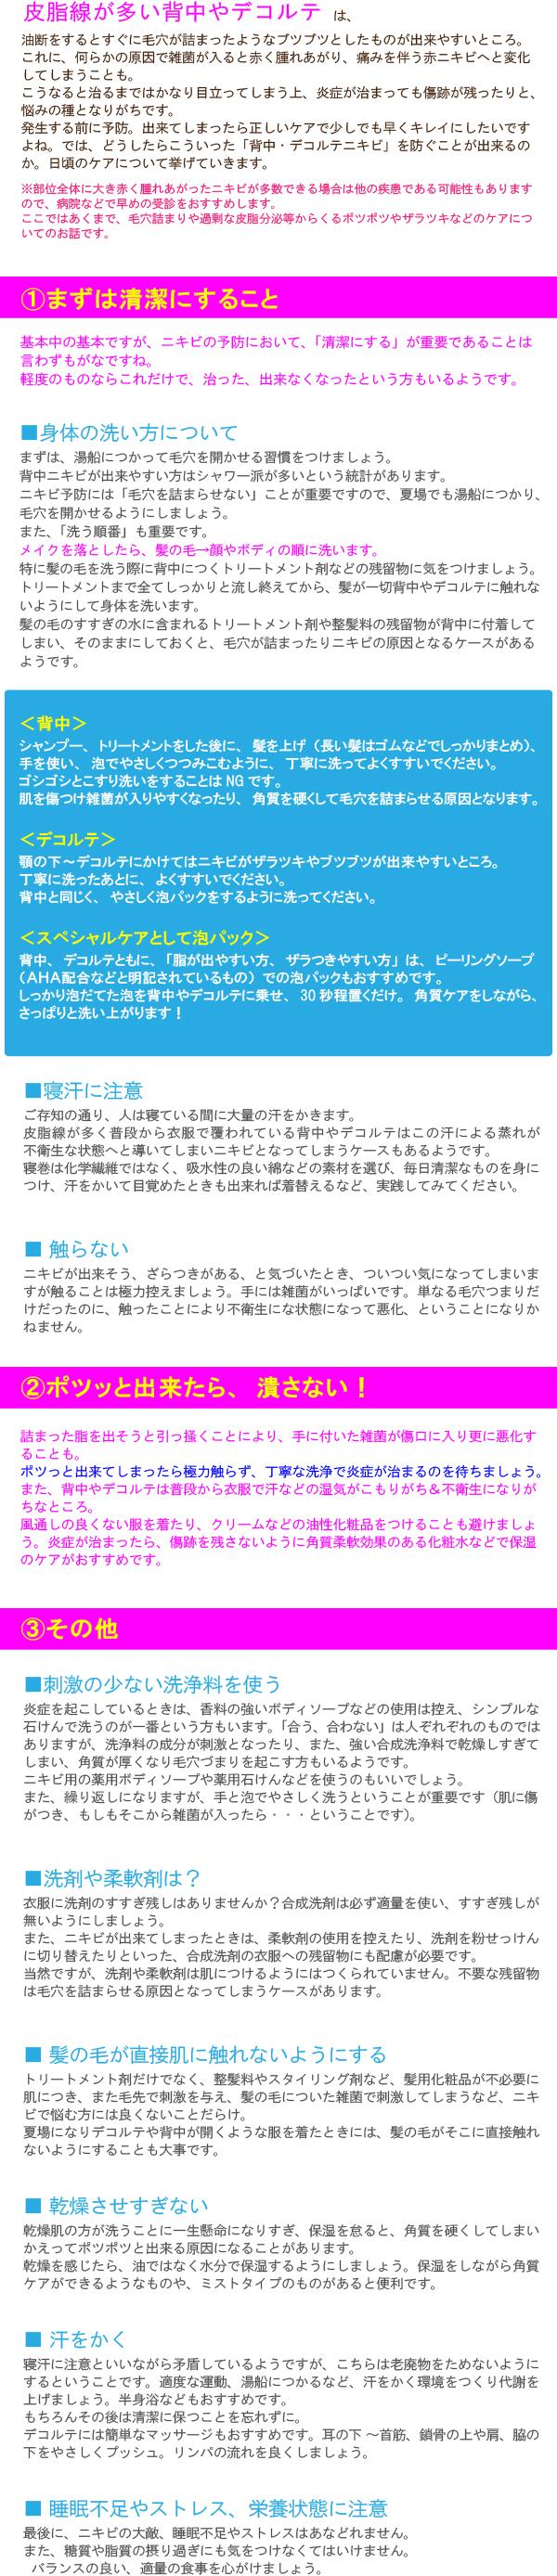 美ルーム3.jpg